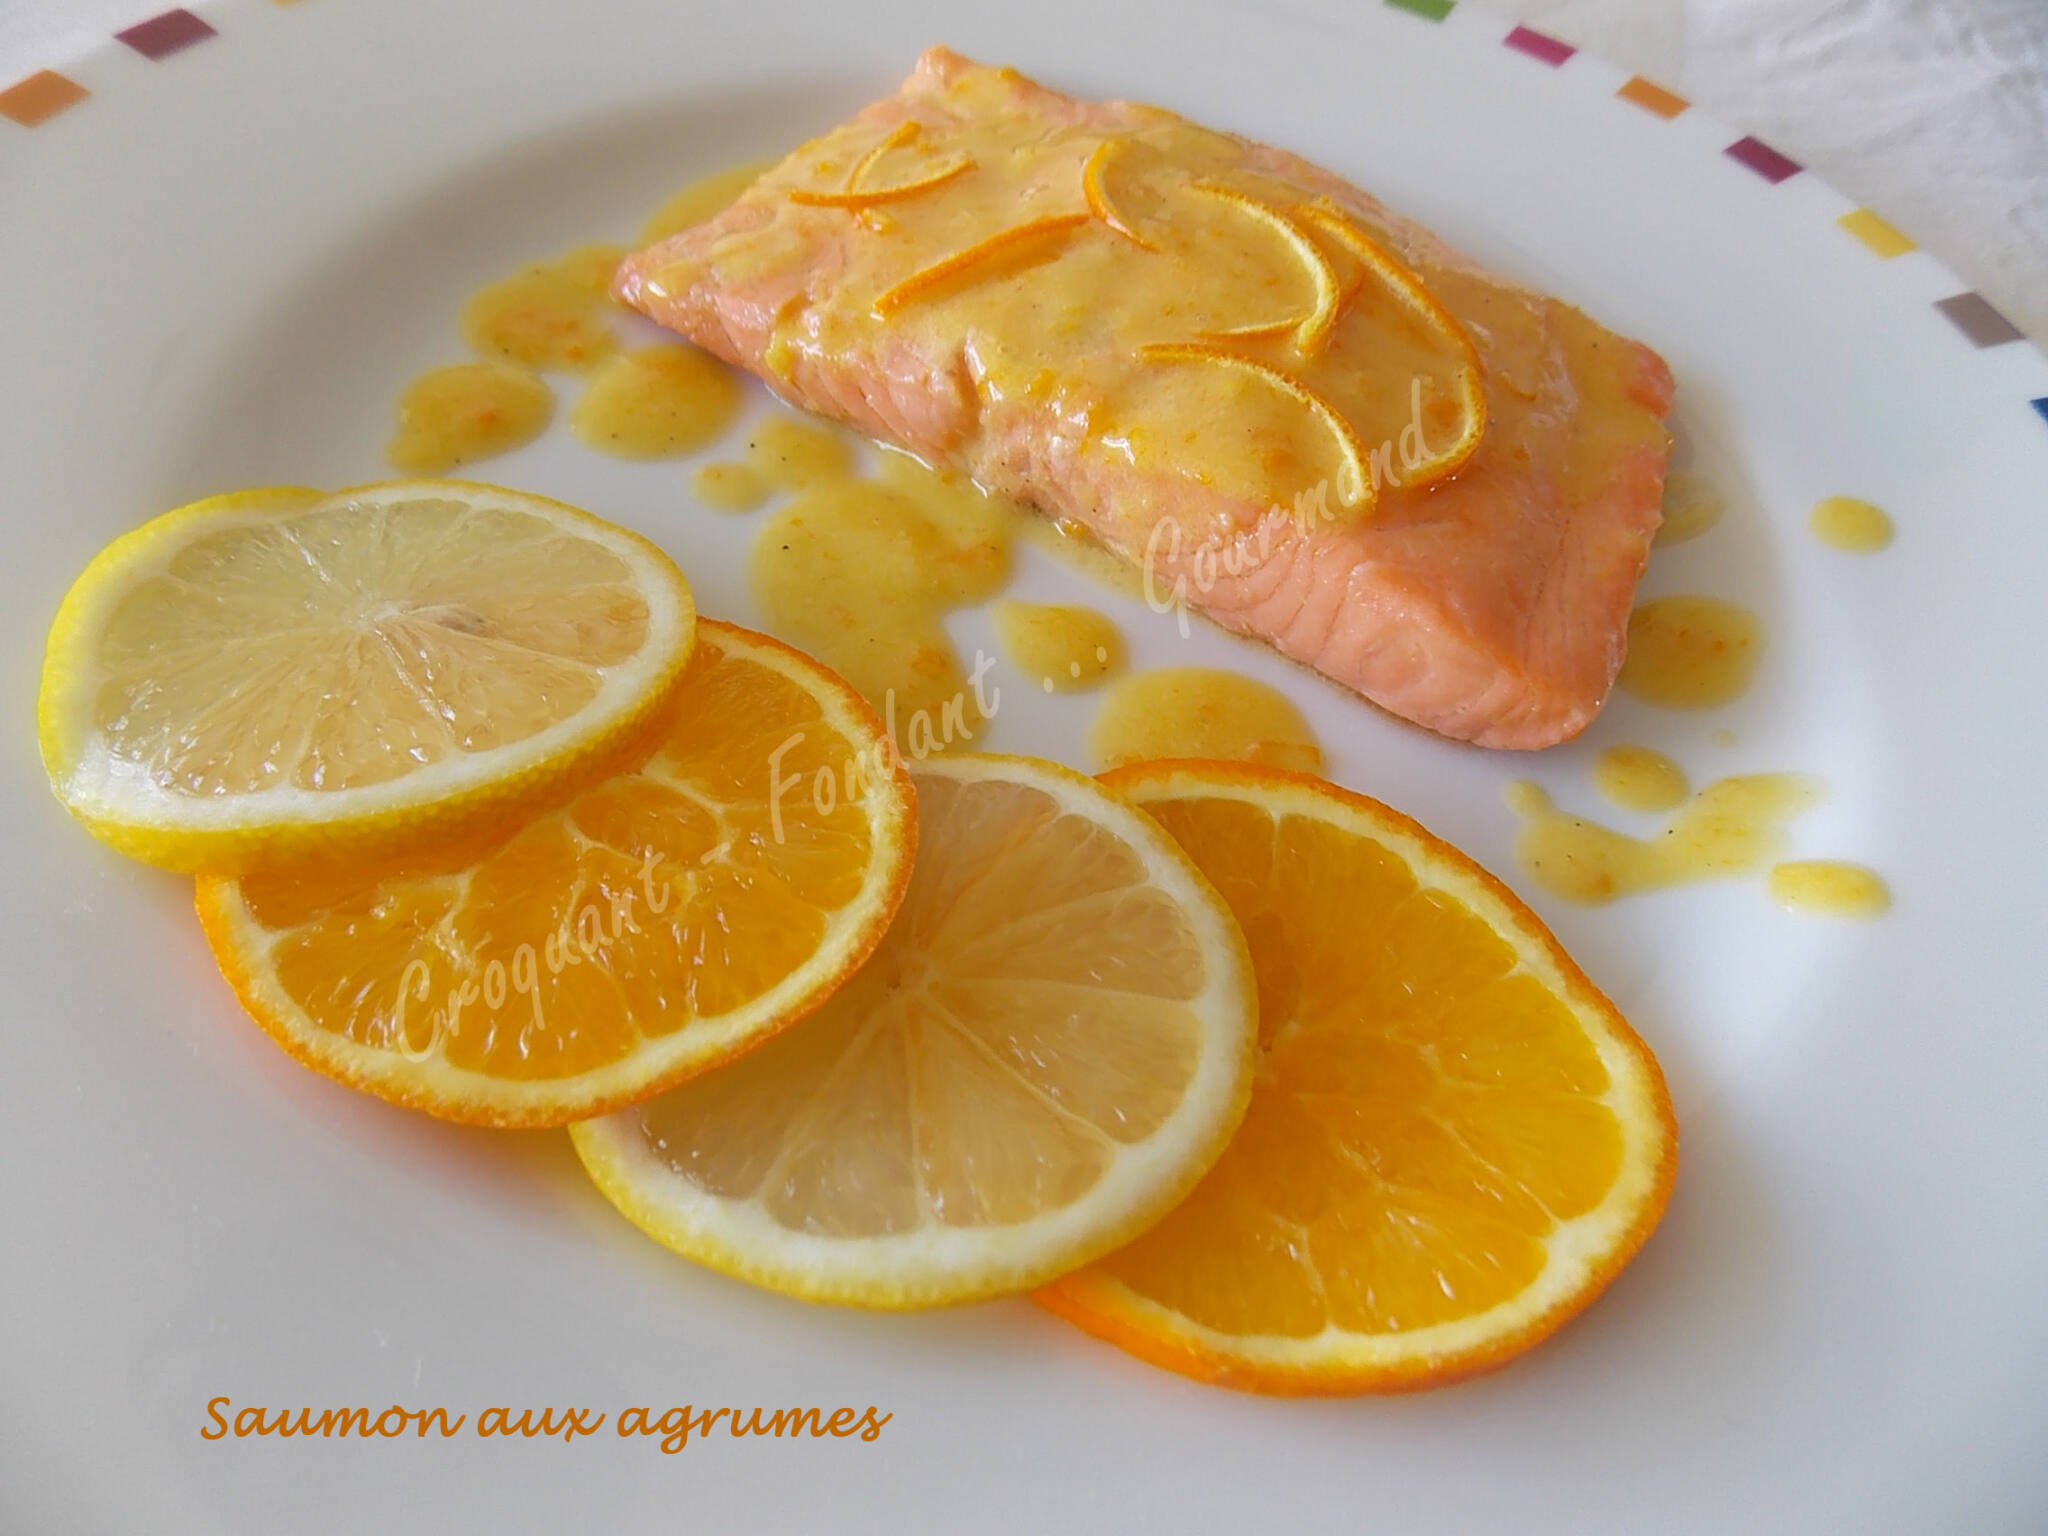 Saumon aux agrumes passe plat entre amis 6 croquant for Plat original entre amis